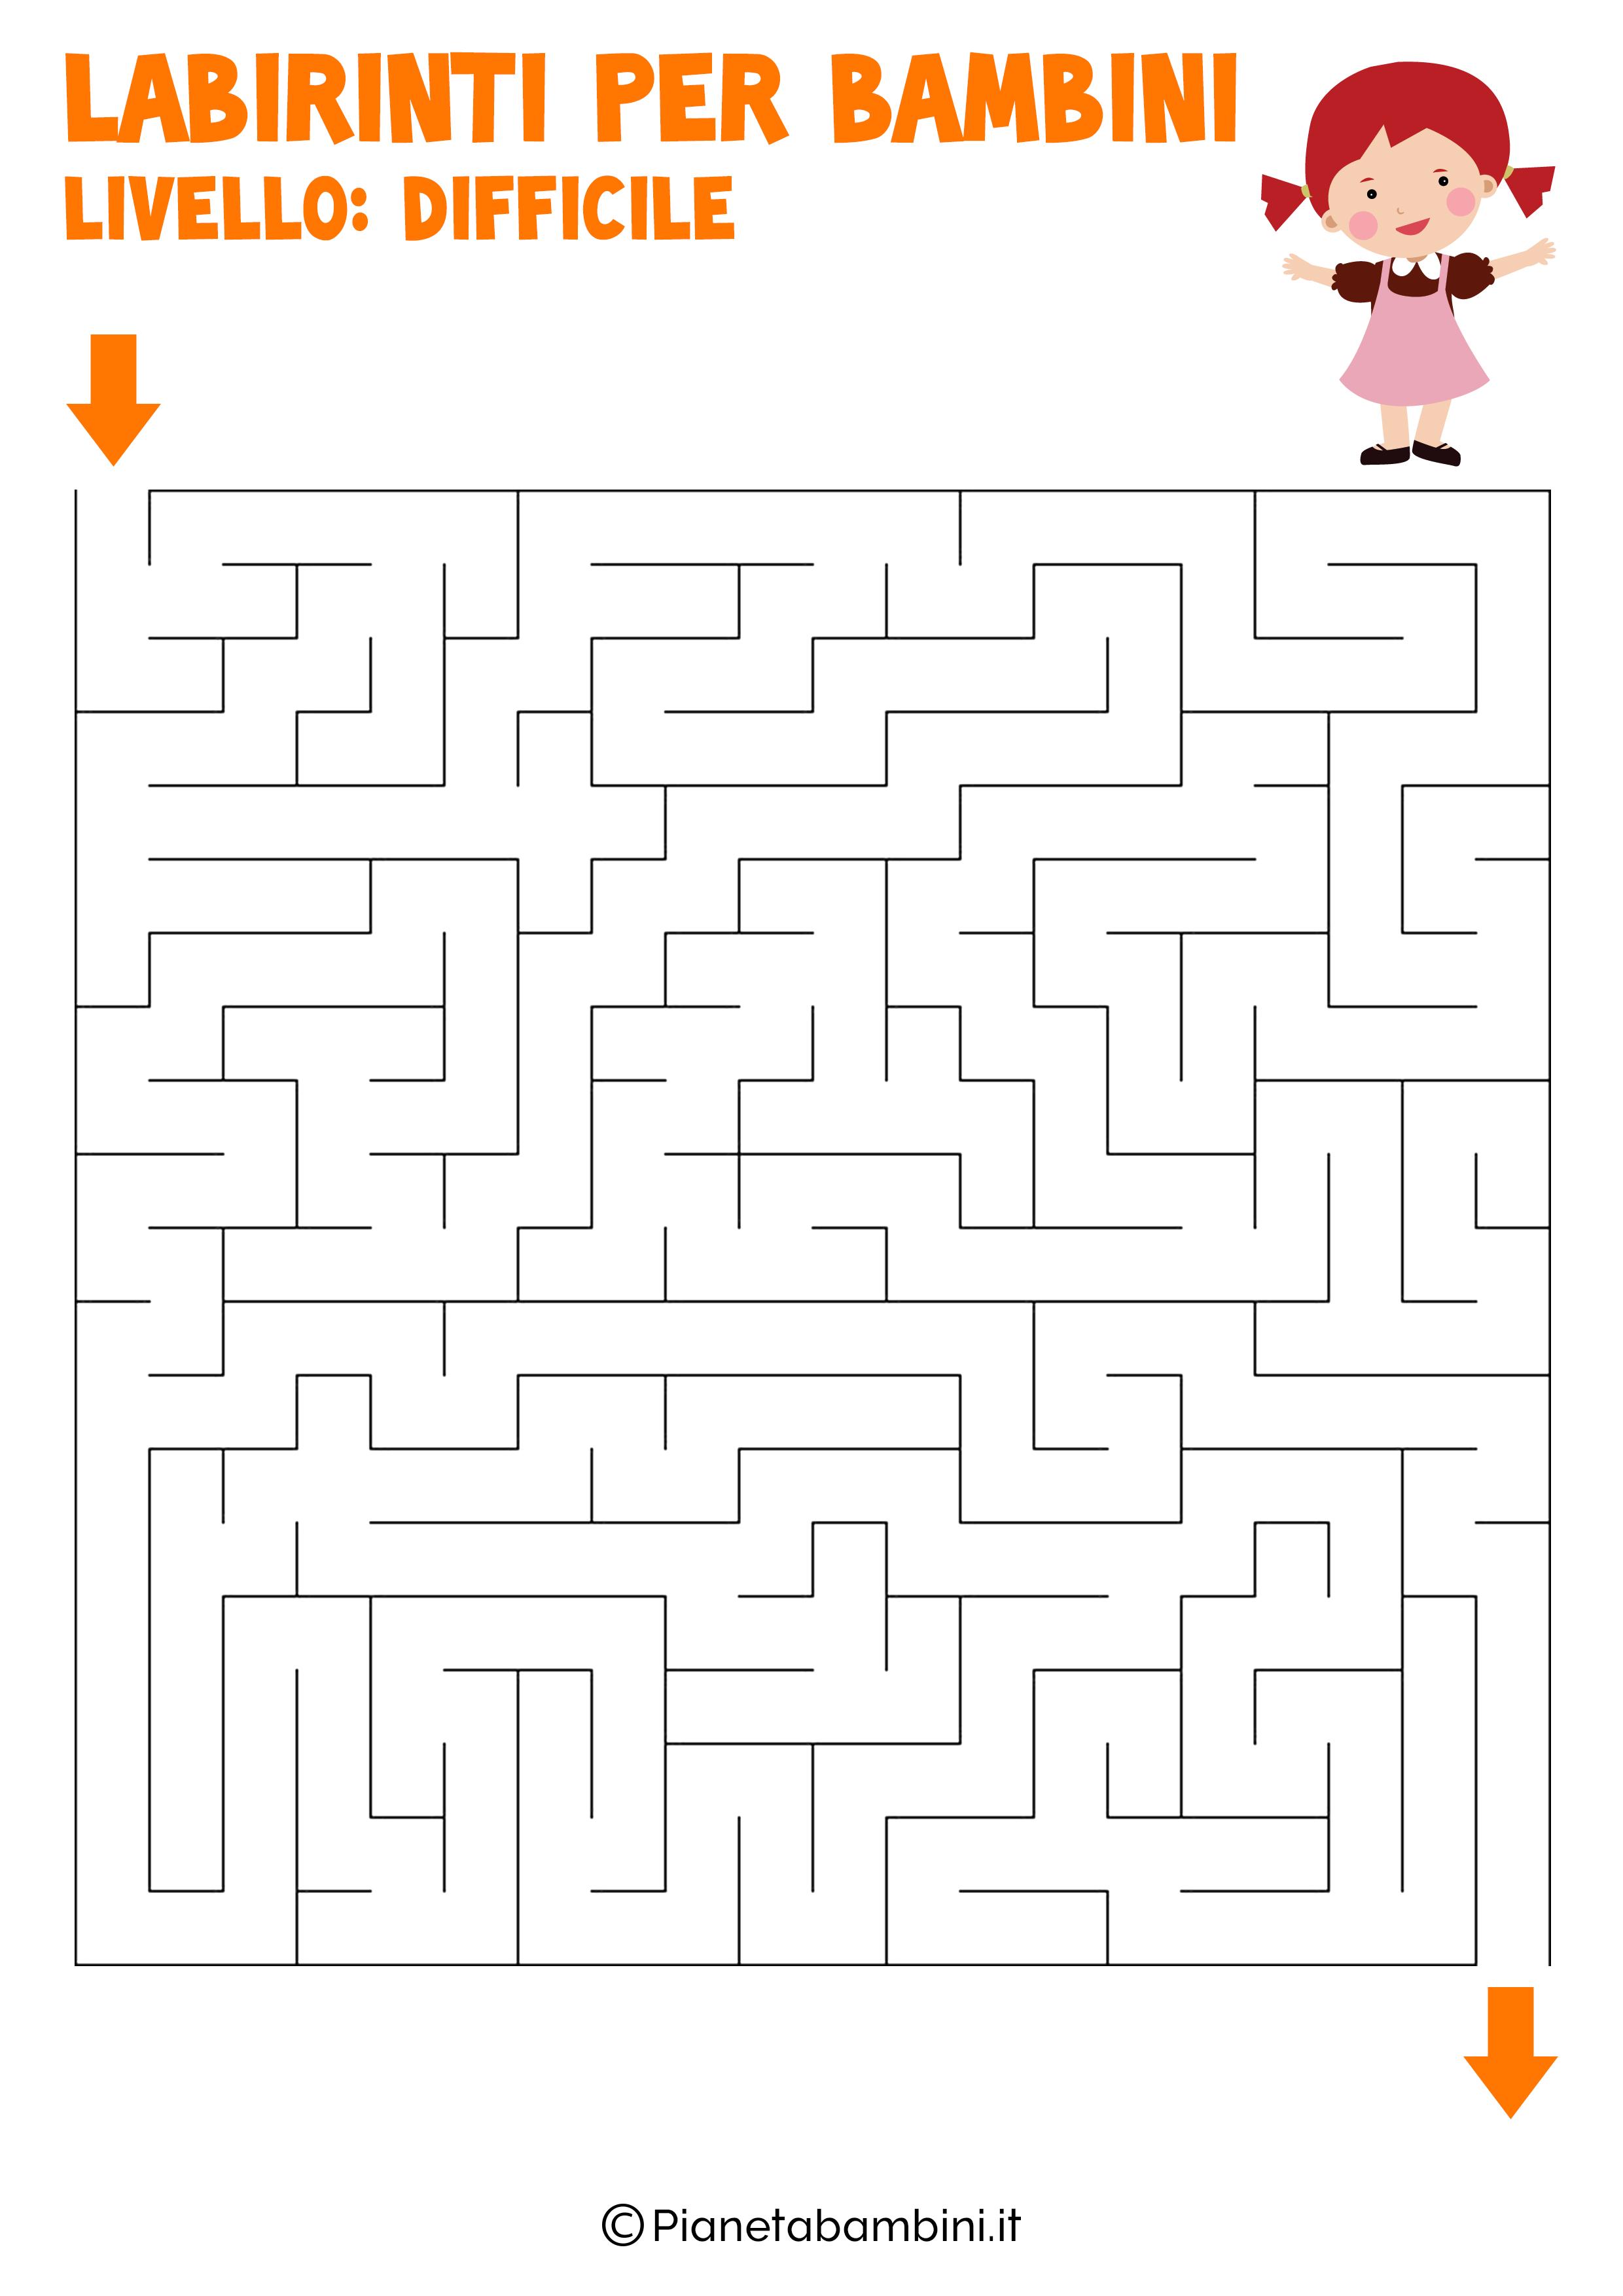 Labirinto difficile per bambini numero 3